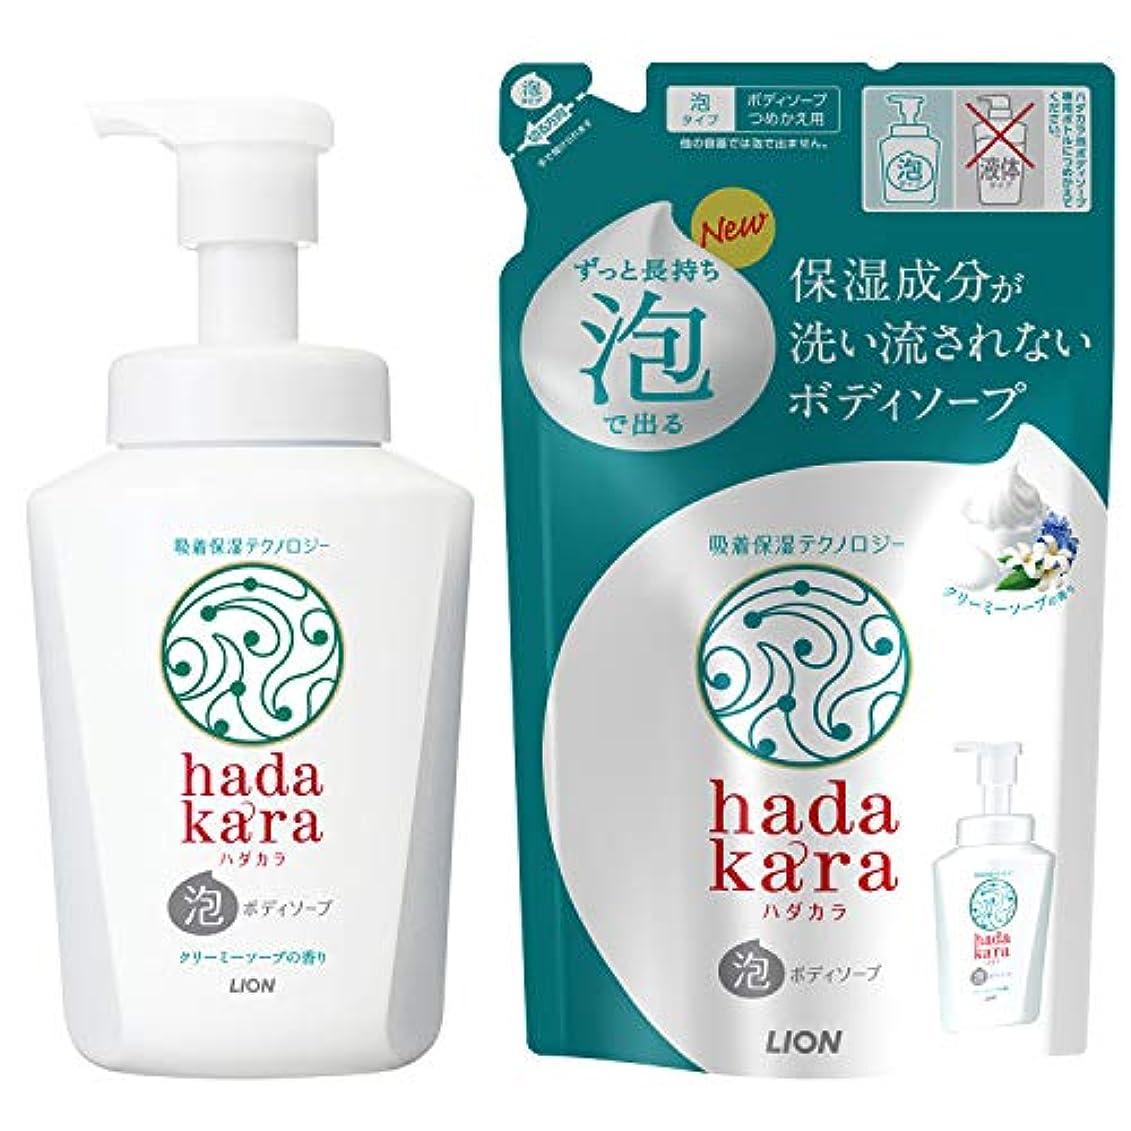 水曜日冷酷な非常に怒っていますhadakara(ハダカラ) ボディソープ 泡タイプ クリーミーソープの香り 本体550ml+詰替440ml